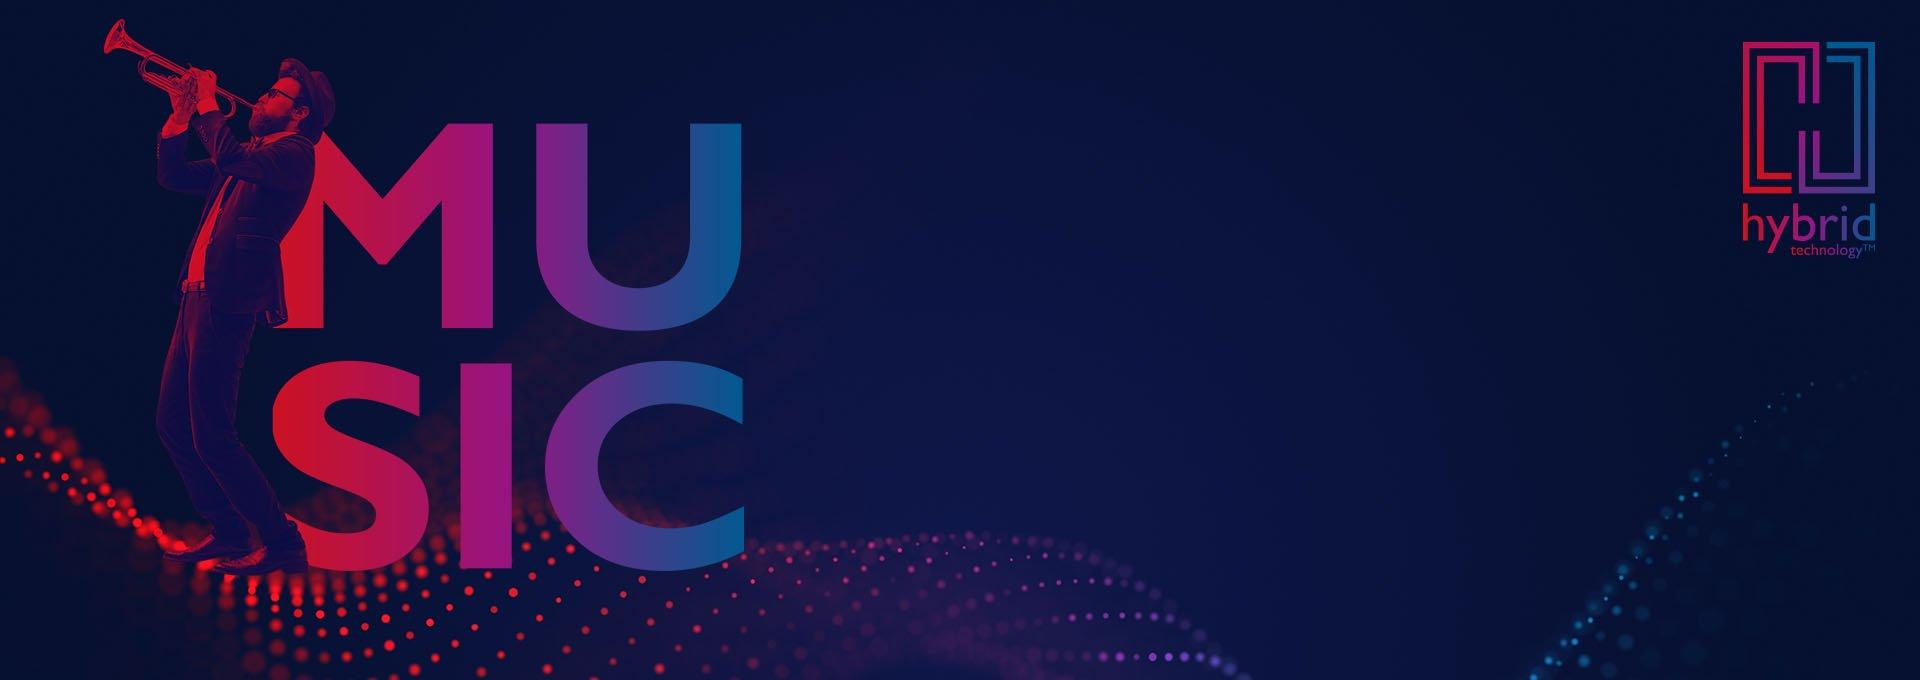 Imagen roja / azul de una mujer bailando junto al bloque MUSIC, el logotipo de Bernafon Alpha's Hybrid Technology y una onda de sonido